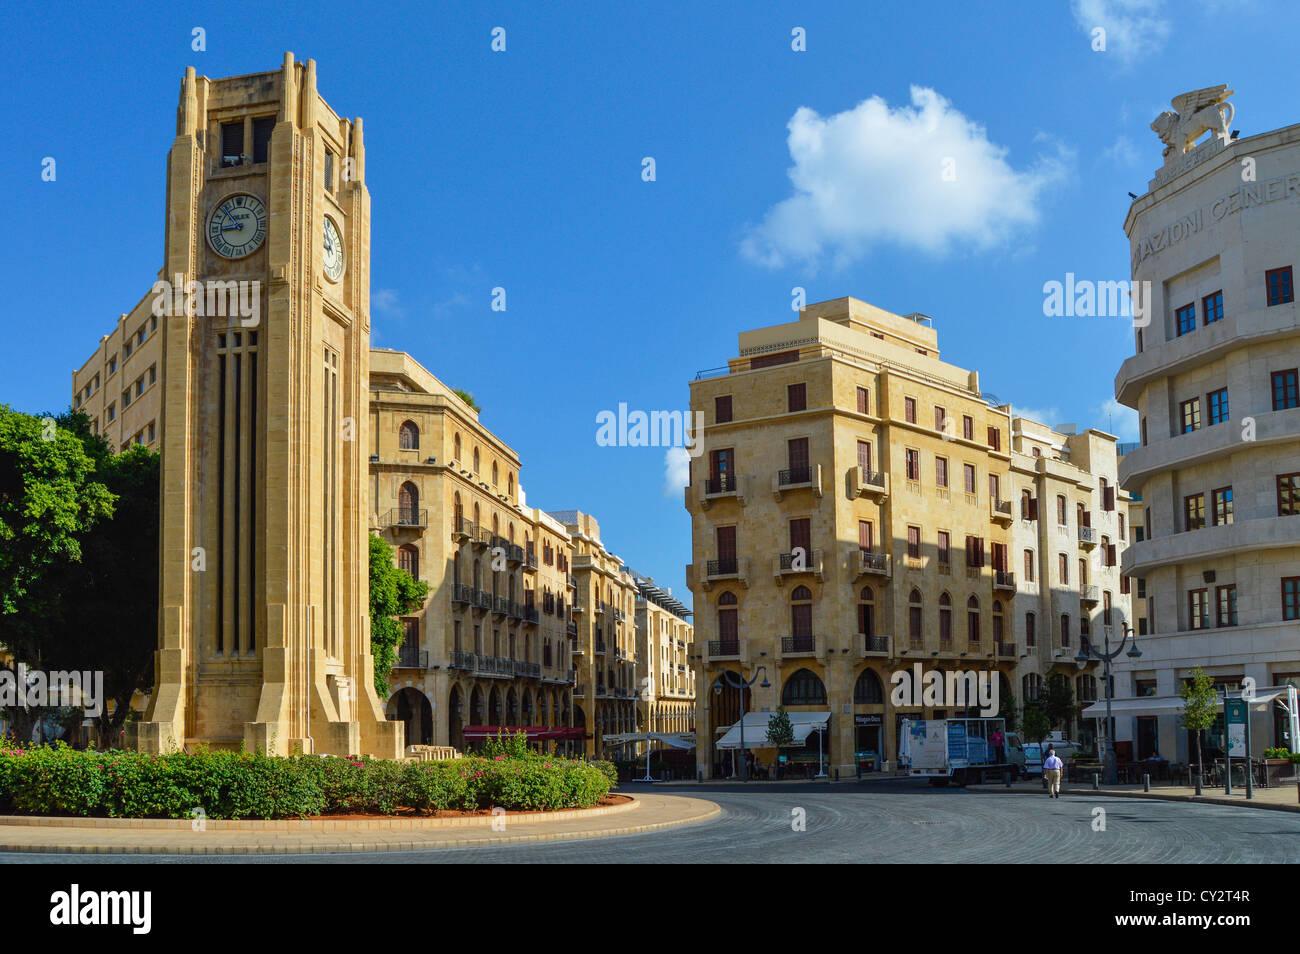 Tour de l'horloge, Ottoman Nejme Square, centre-ville de Beyrouth, Liban, Moyen-Orient Photo Stock